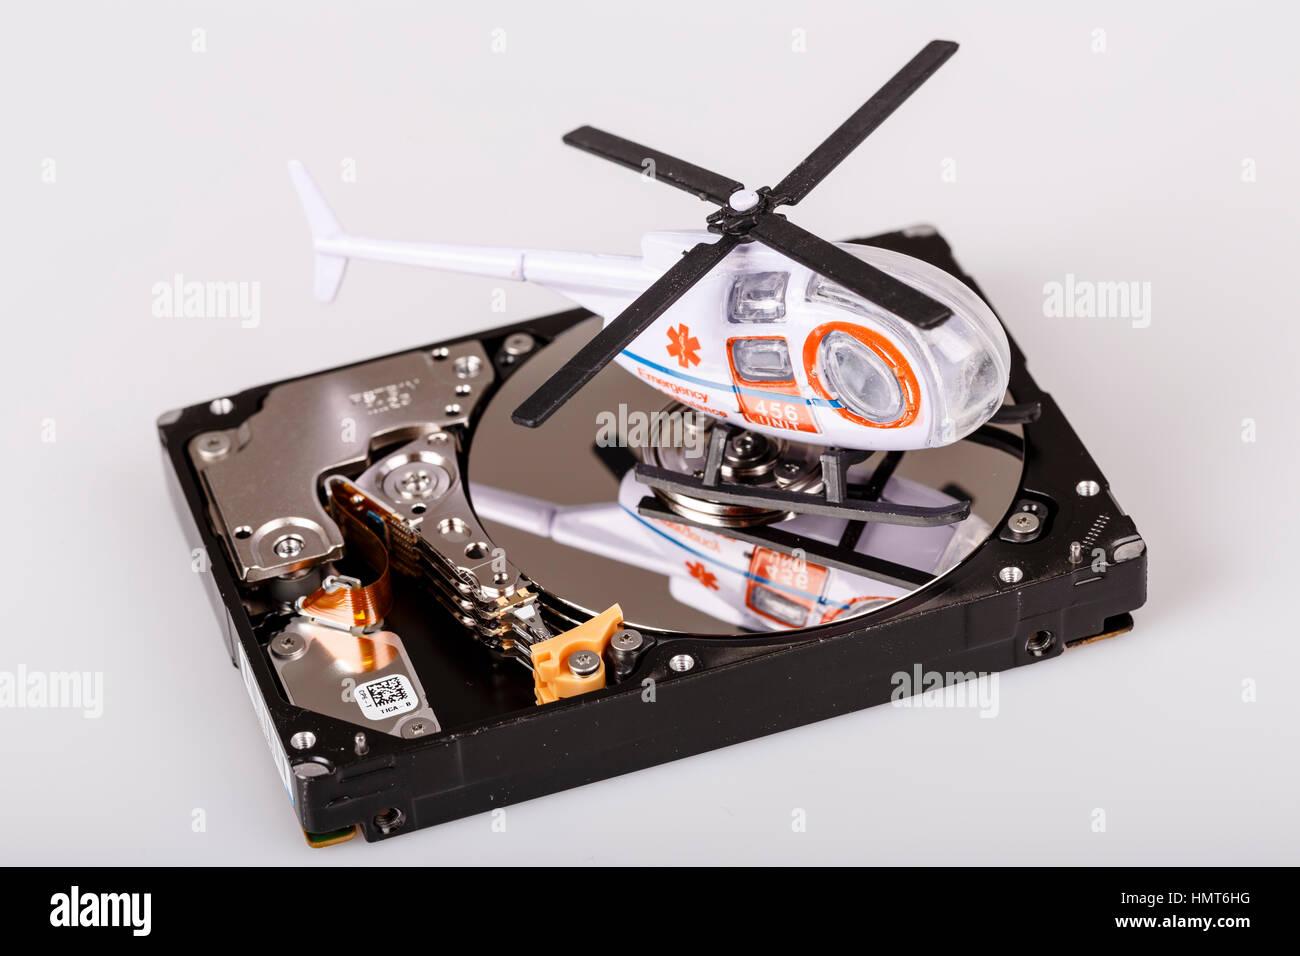 Ambulance elicotteri o il tritatutto su hard disk o hdd - backup dati, sicuro e concetto di salvataggio Immagini Stock